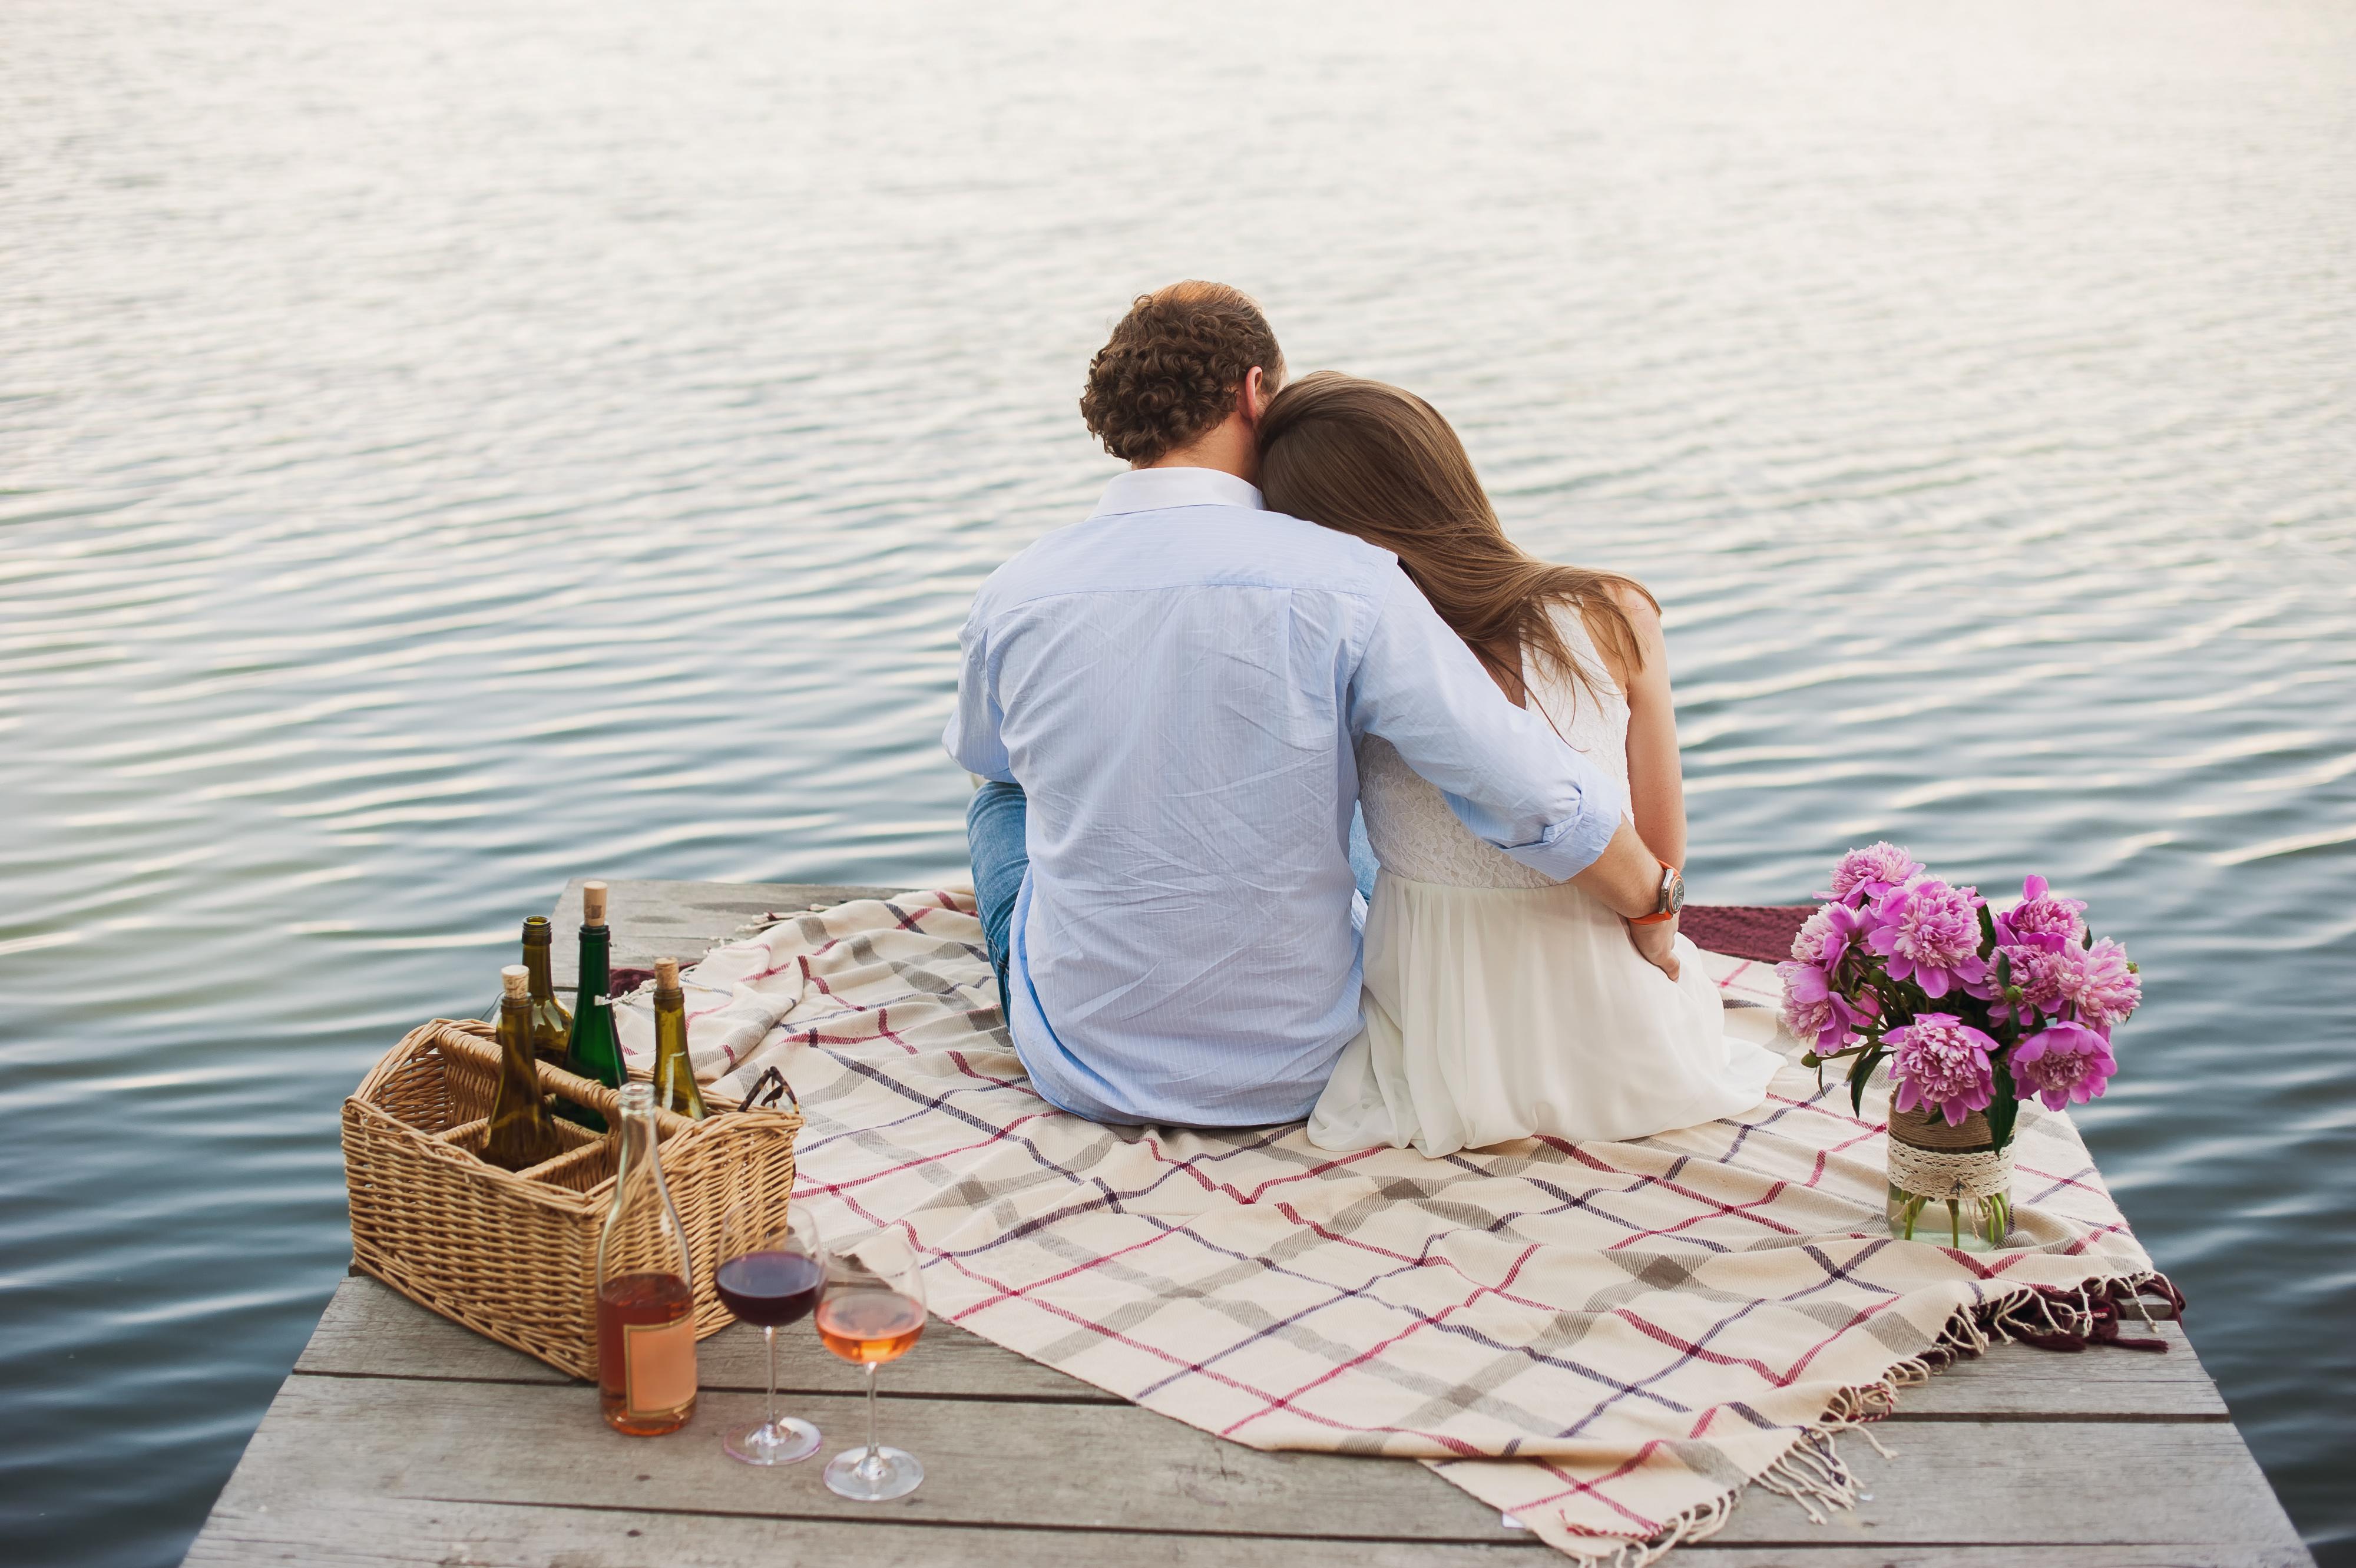 engagements -Jennifer Lane Weddings